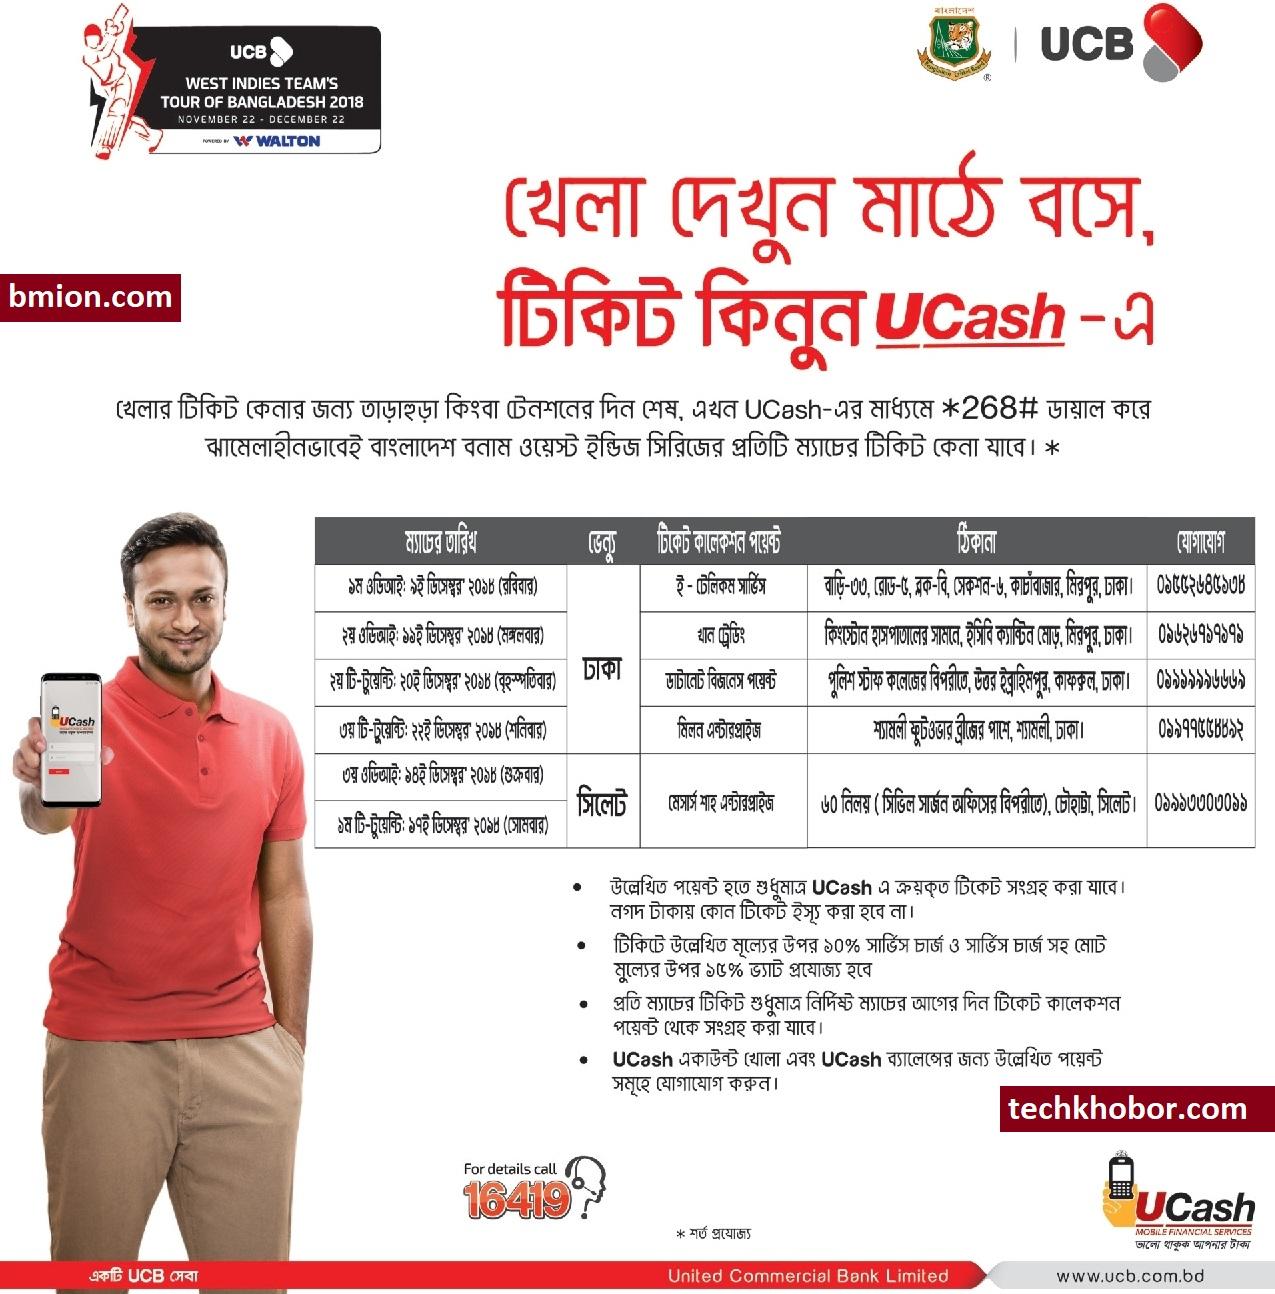 বাংলাদেশ-বনাম-ওয়েস্ট-ইন্ডিজ-ম্যাচ-টিকেট-UCash-এ,-কালেকশন-পয়েন্ট-এর-বিস্তারিত-ক্রিকেট-ম্যাচের-টিকেট